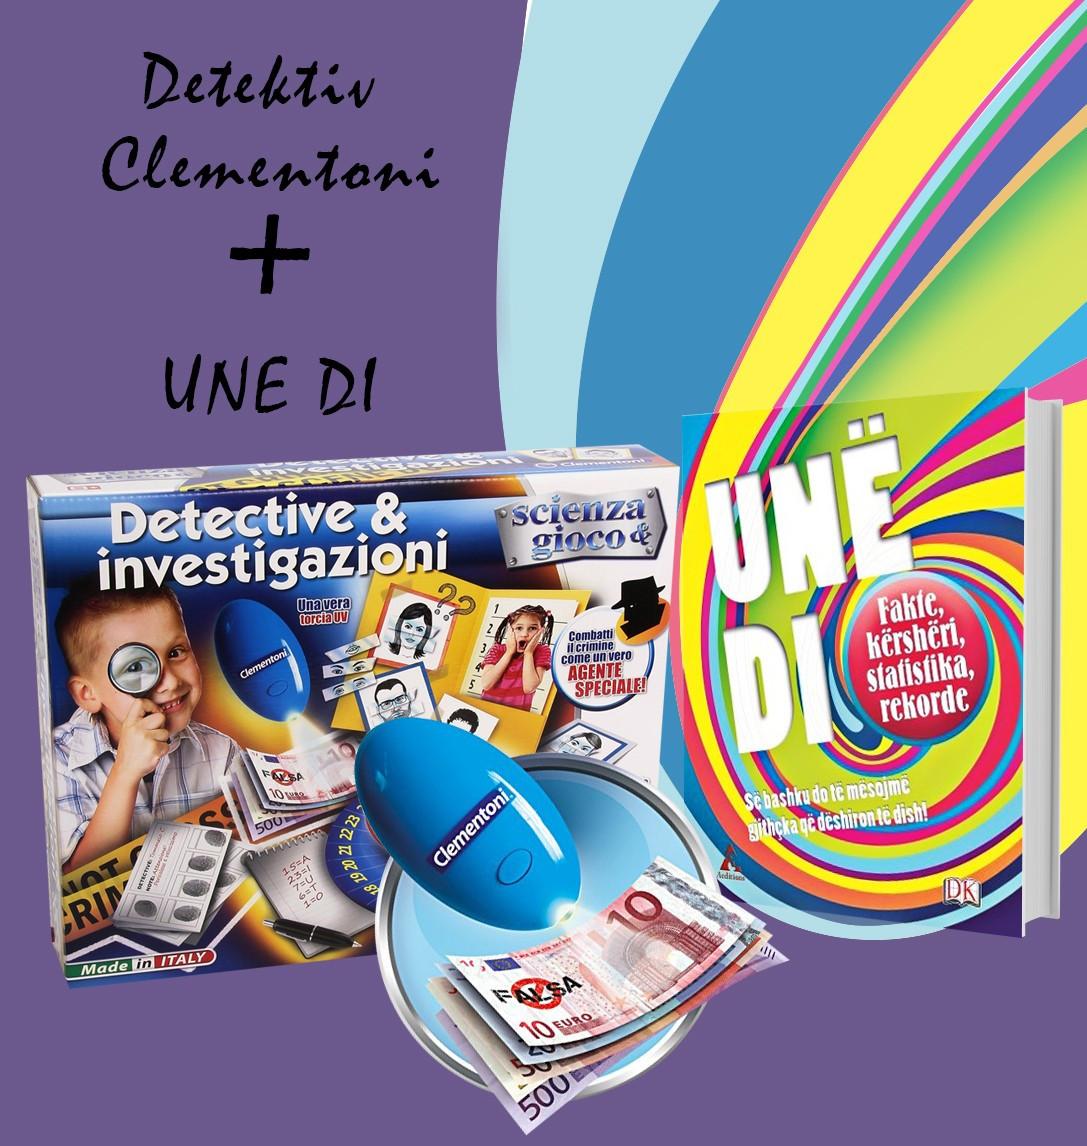 """Set Detektive Clementoni + Libri """"Unë di"""""""